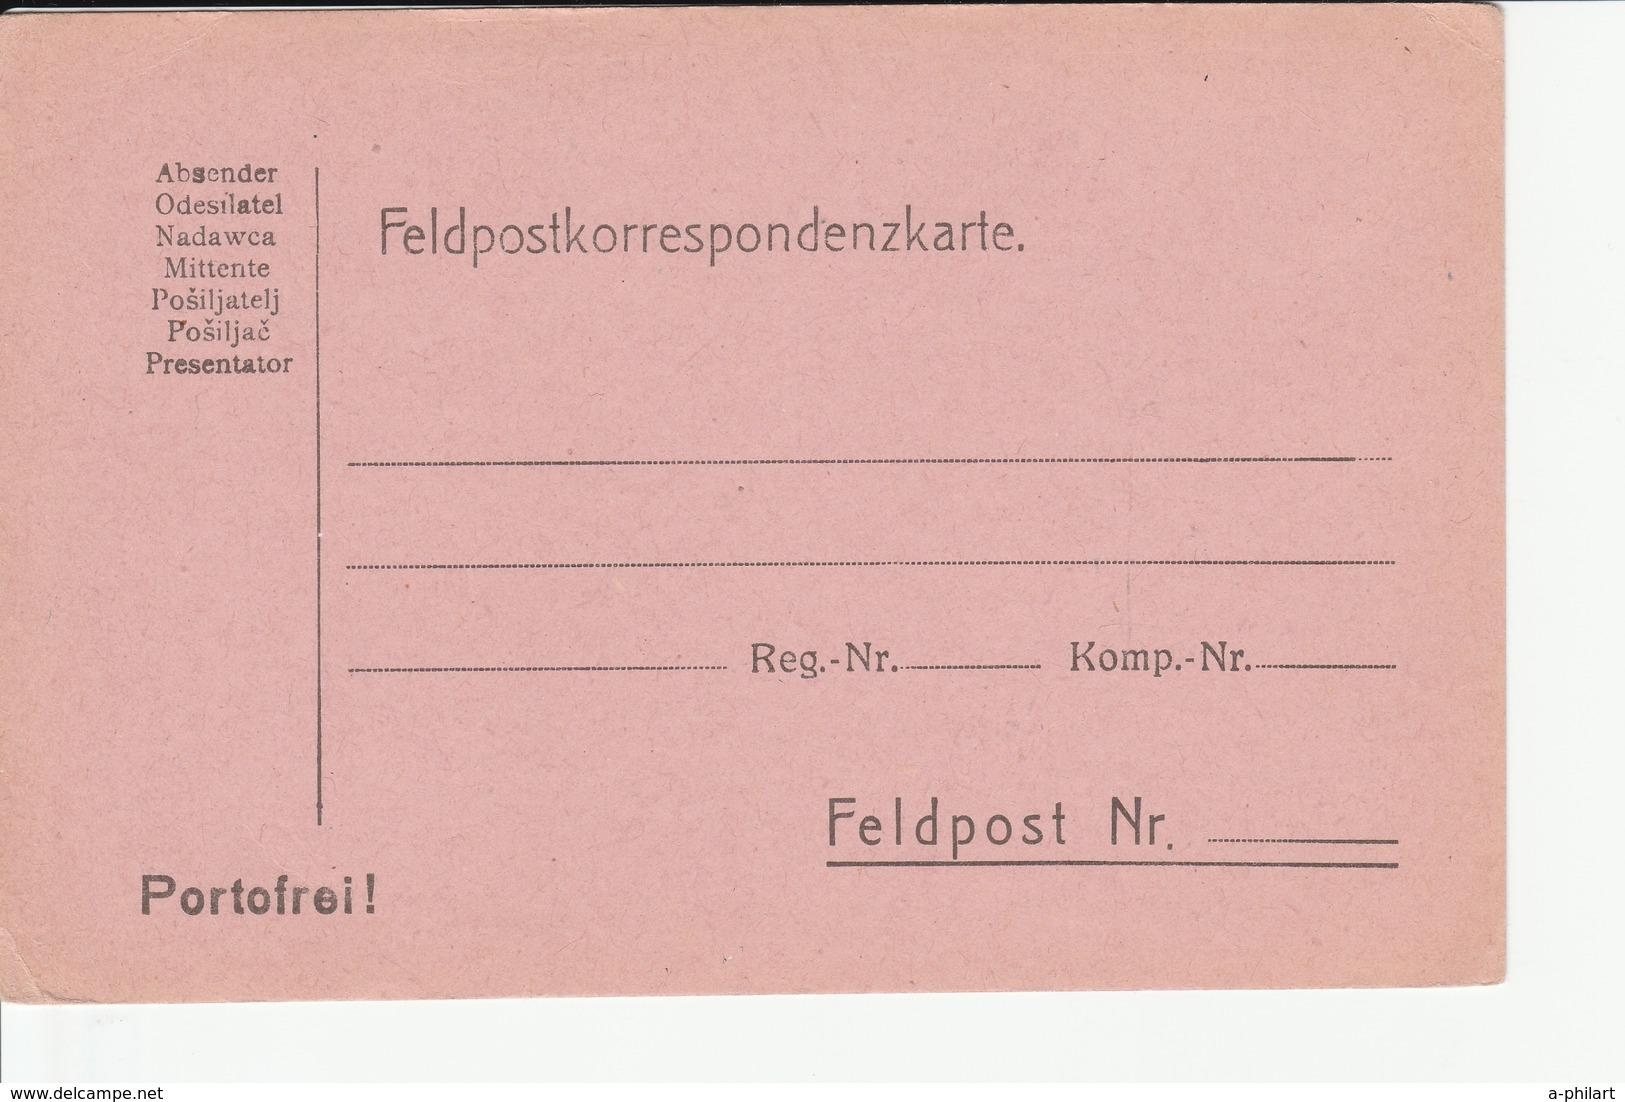 VIELE AUSTRIA - ÖSTERREICH - AUTRICHE - Feldpost - Postkarte - Carte Postale - Post Card - Intero Postale- Entier - Ungebraucht